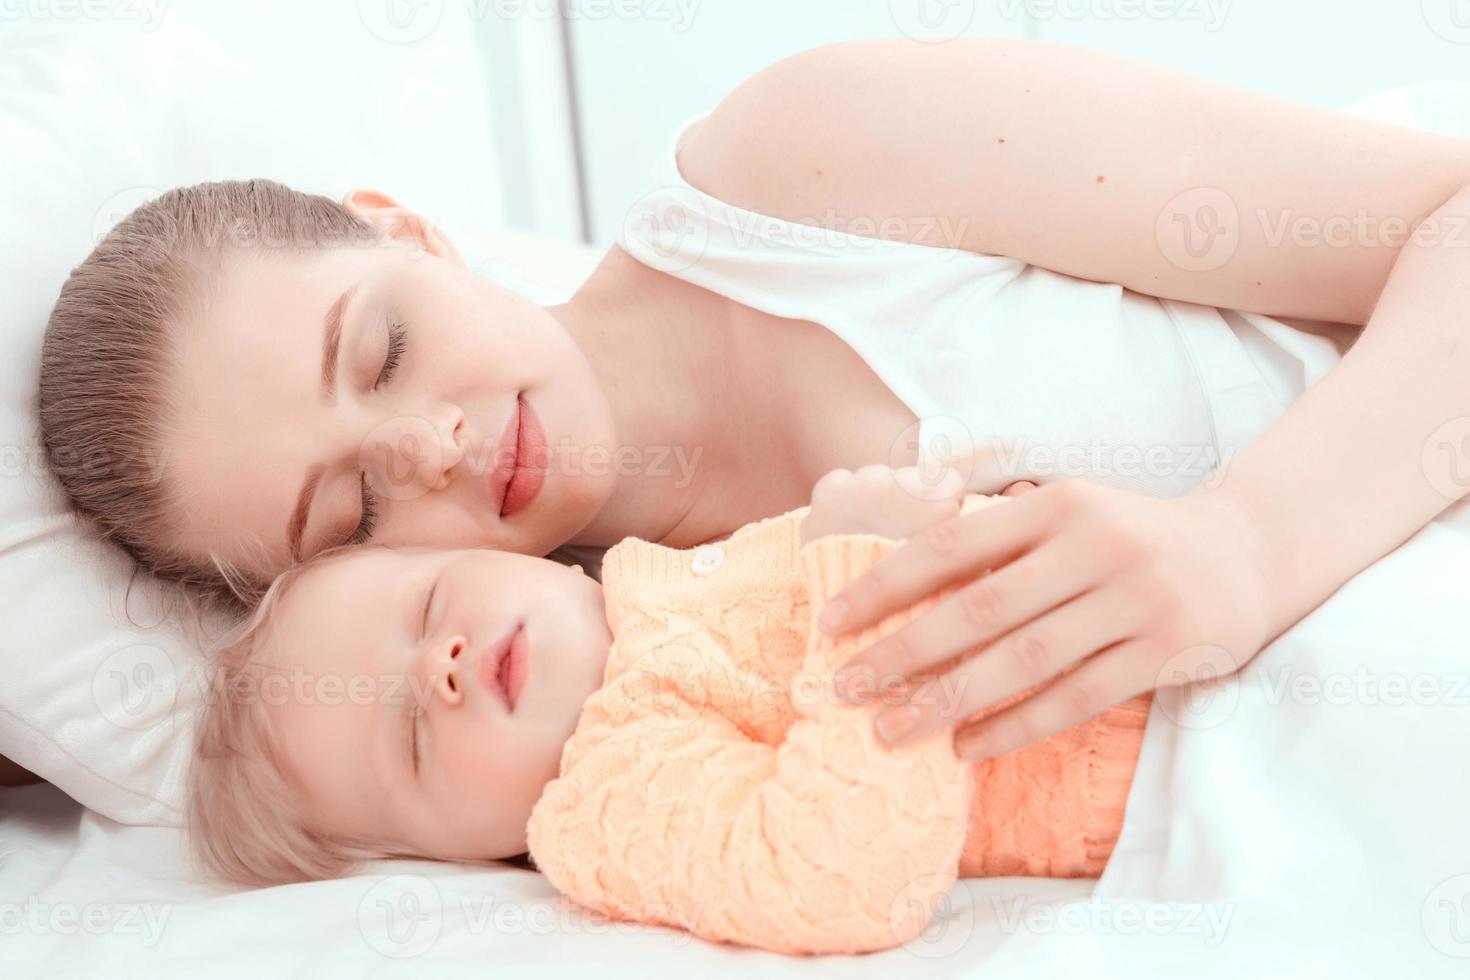 bébé endormi et sa mère photo